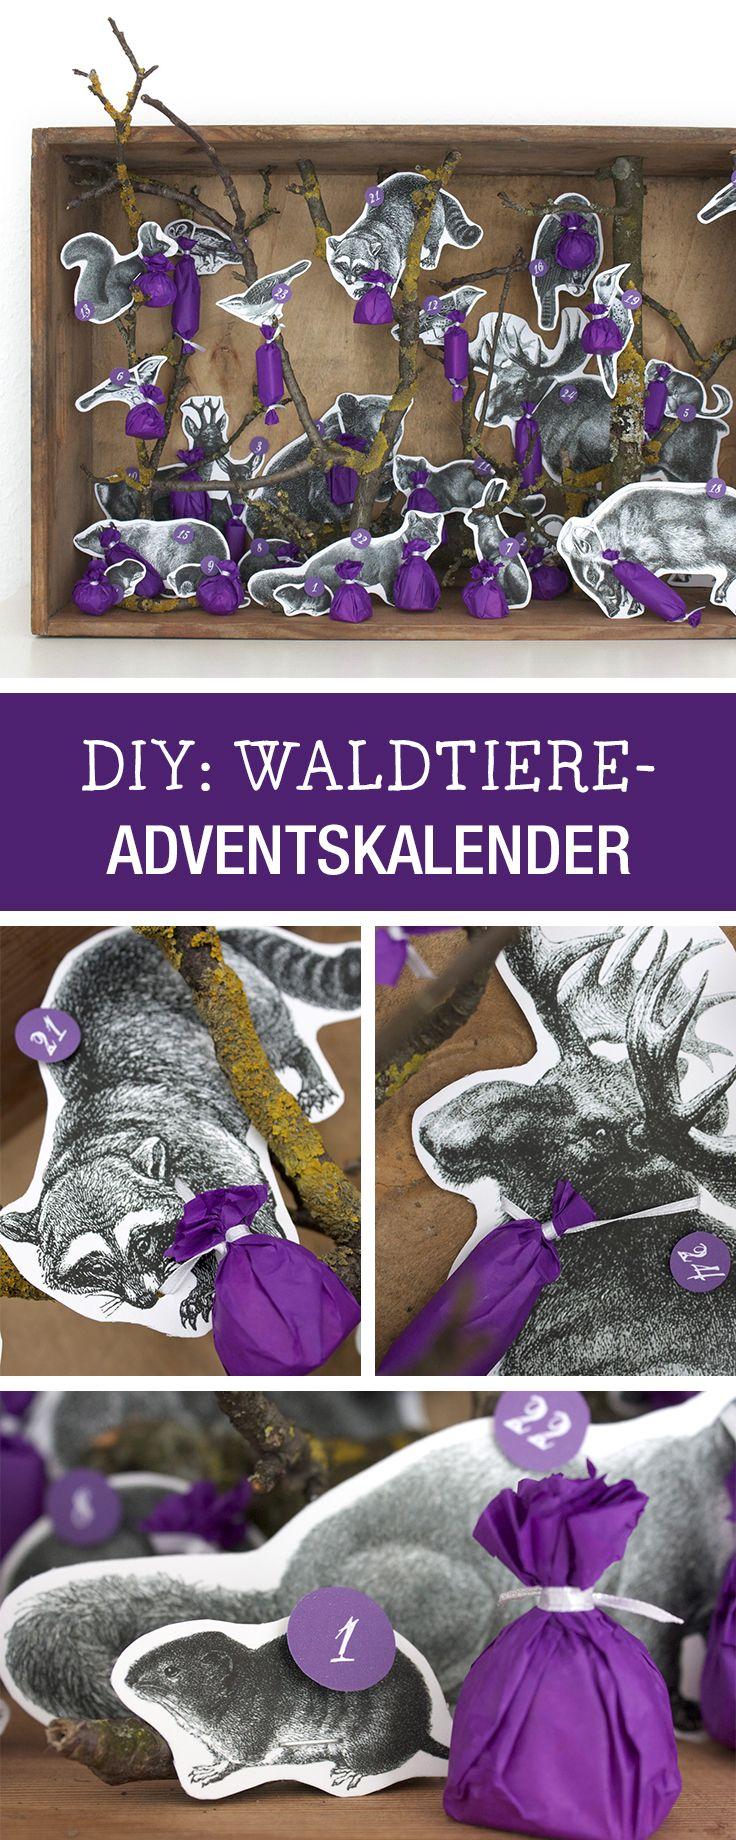 Ein besonderer Adventskalender aus Waldtieren, Diorama / paper advents calendar with animals via DaWanda.com